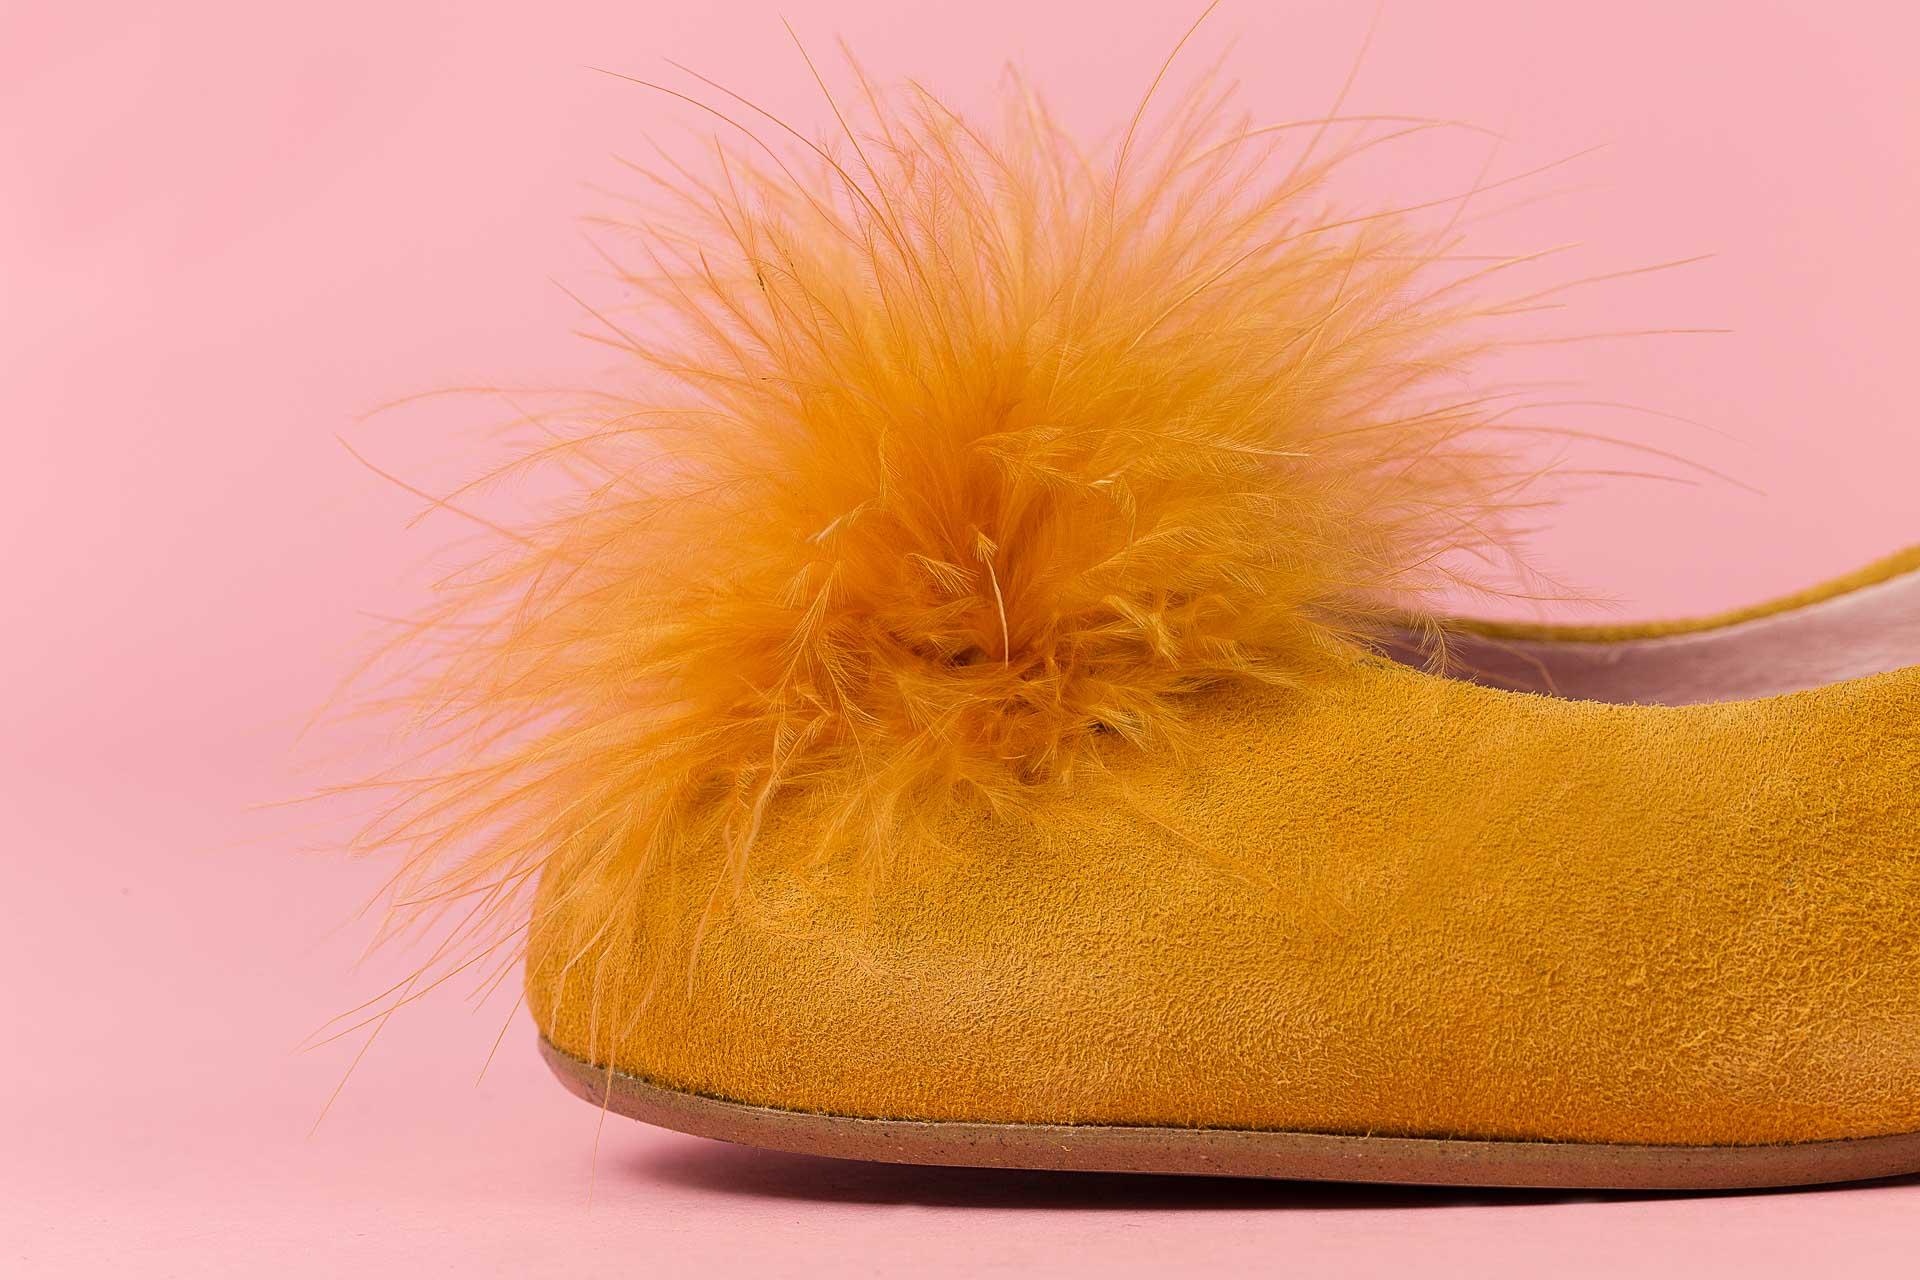 Detalle zapato amarillo Calzados Roldan